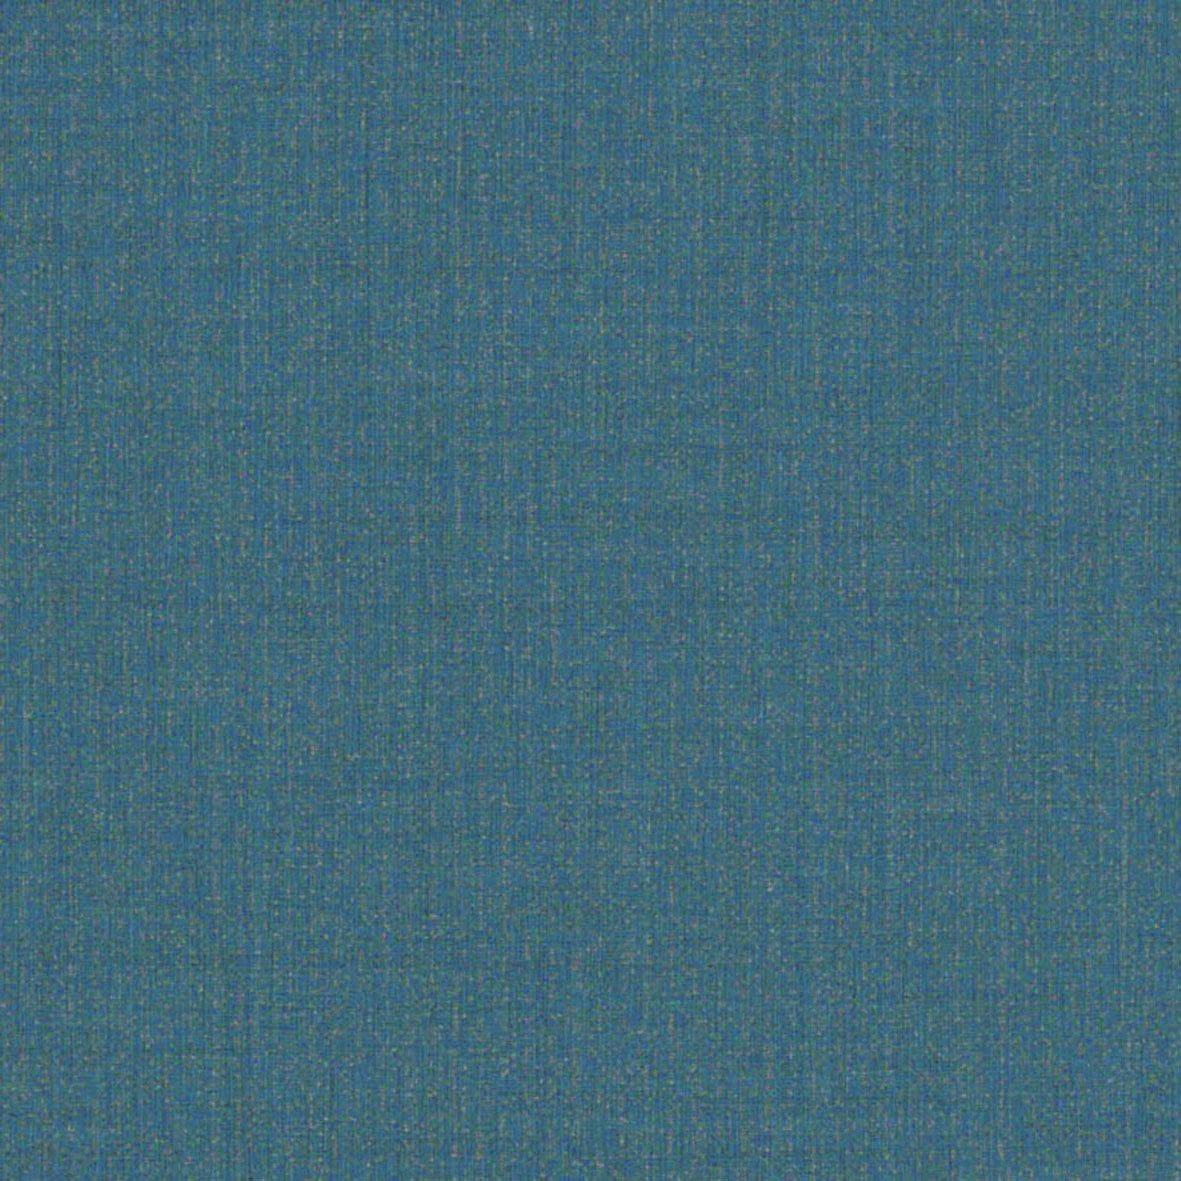 リリカラ 壁紙31m ナチュラル 織物調 ブルー LL-8548 B01MSILQ8U 31m|ブルー